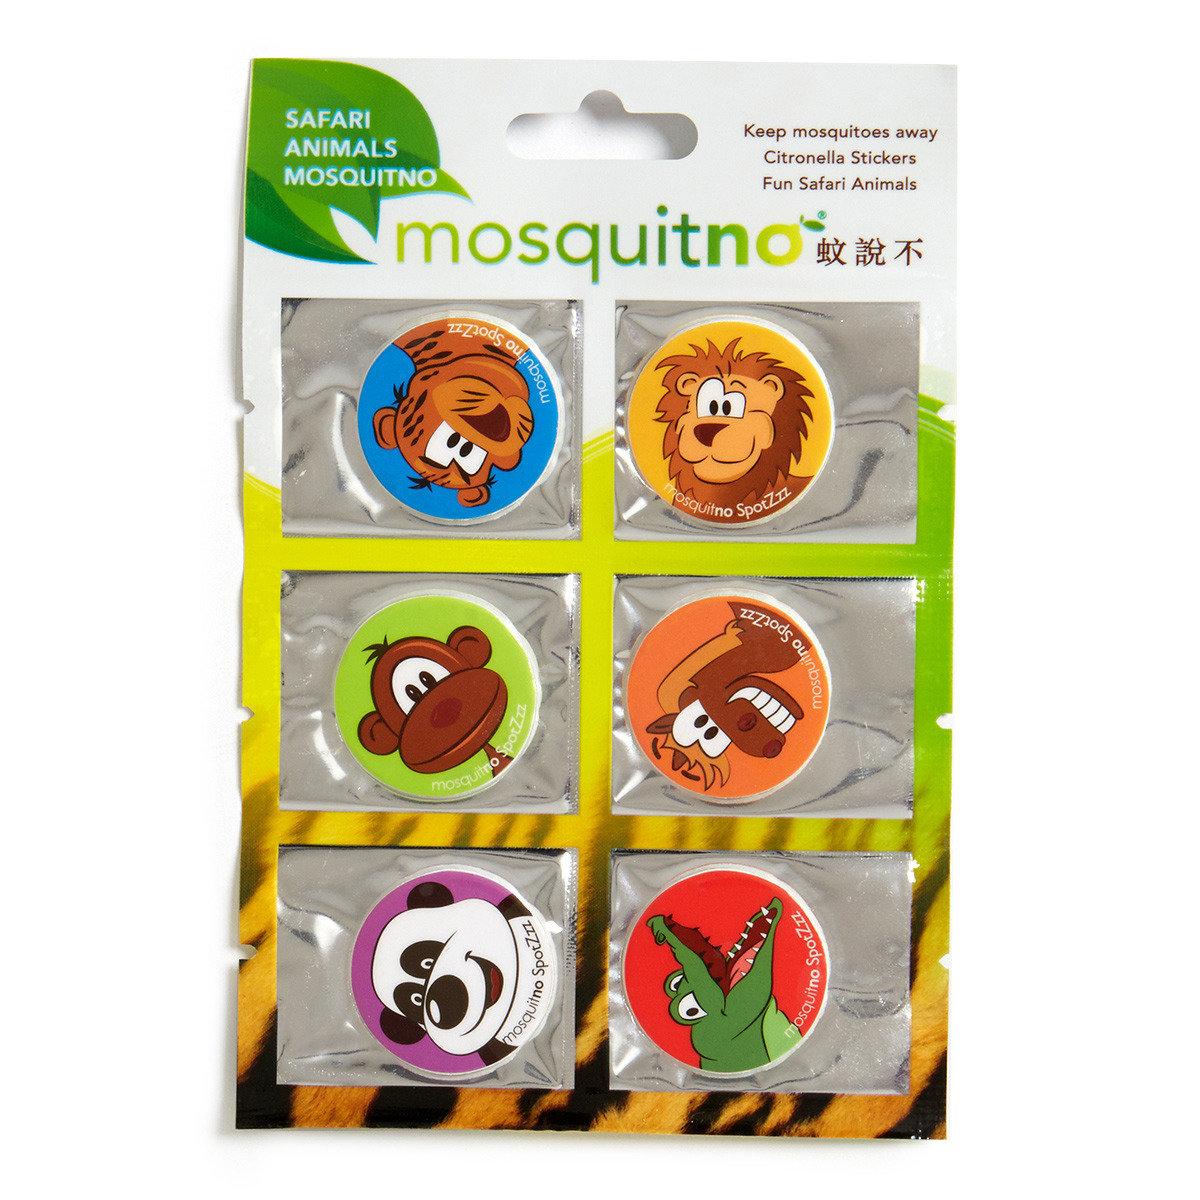 有趣圖案驅蚊貼